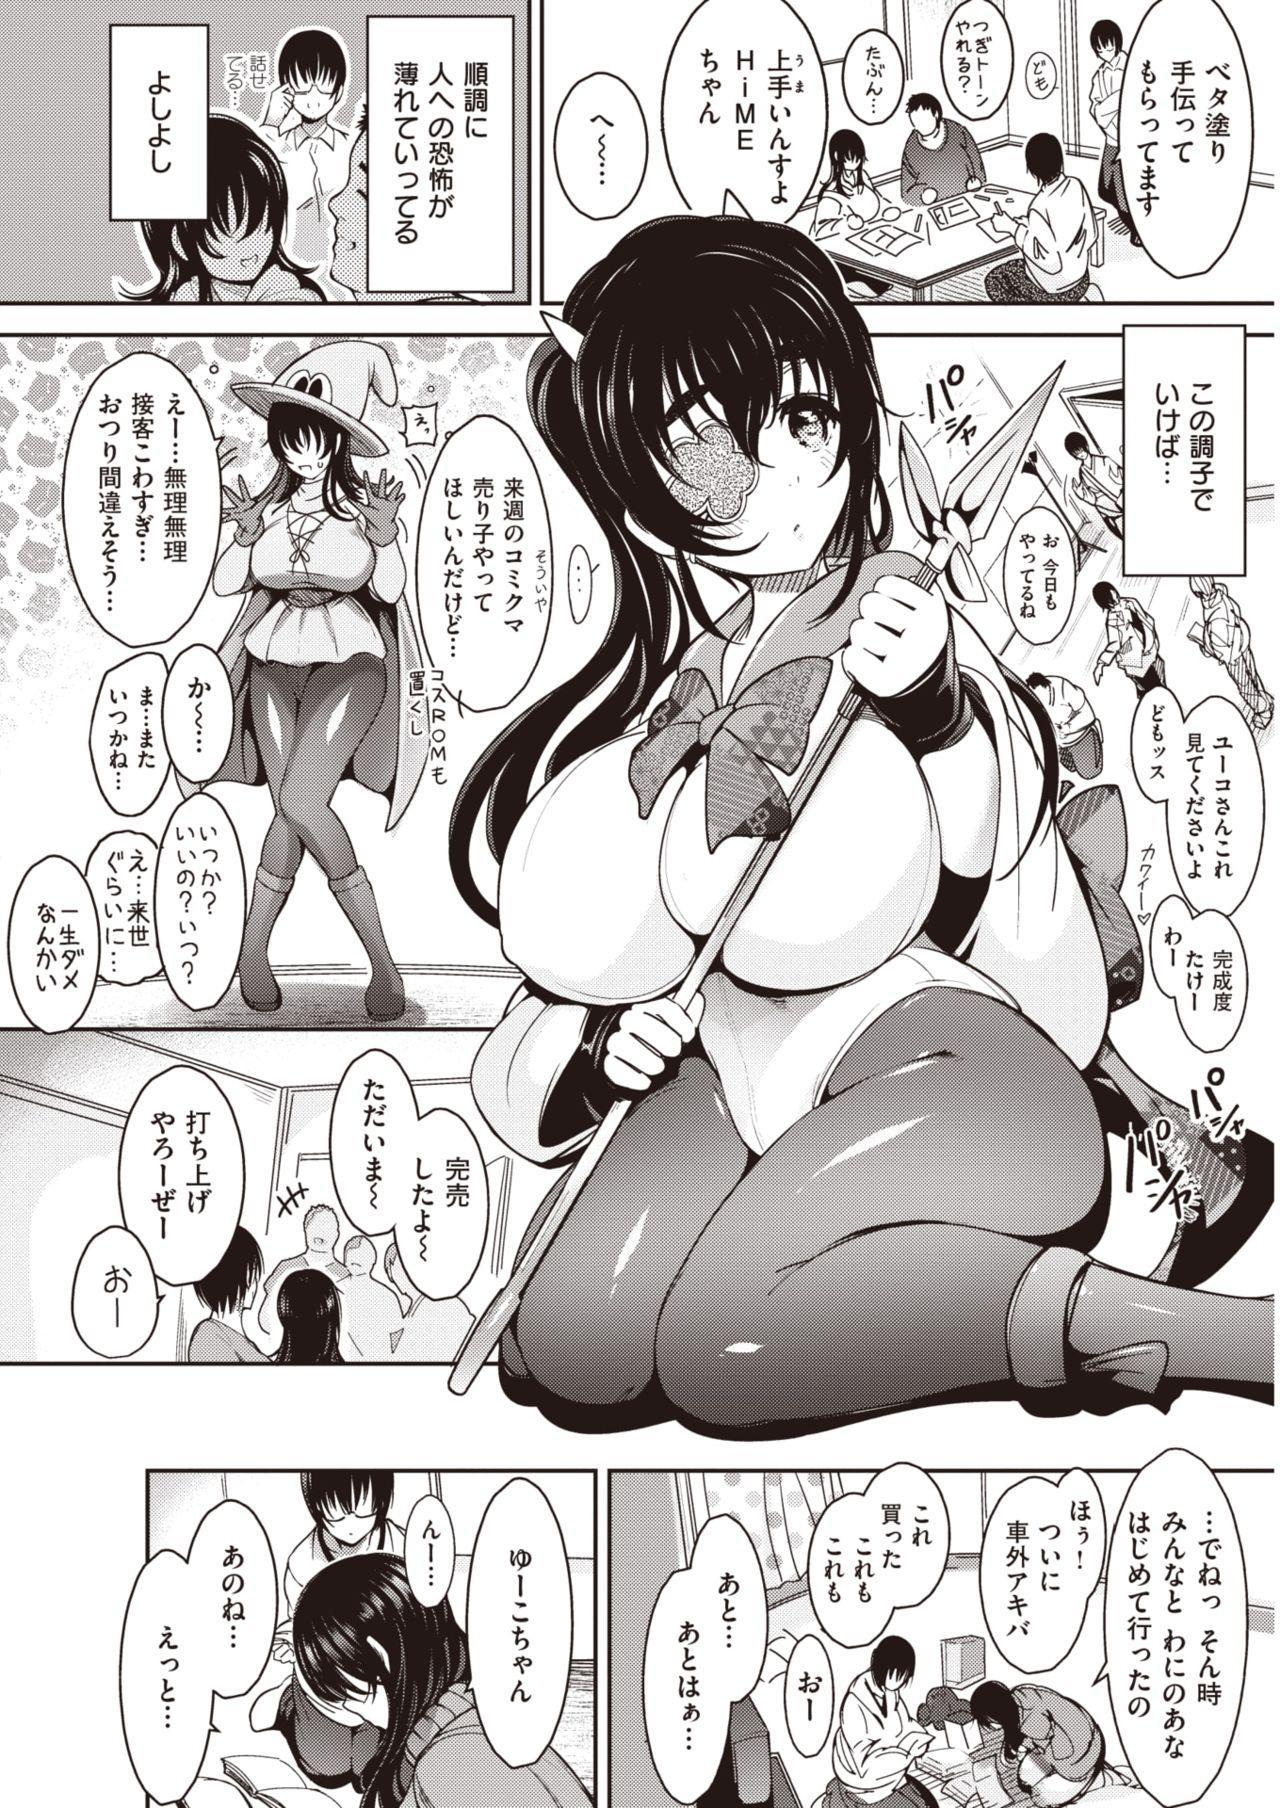 COMIC Kairakuten 25 Shuunen kinen tokubetsugou 419